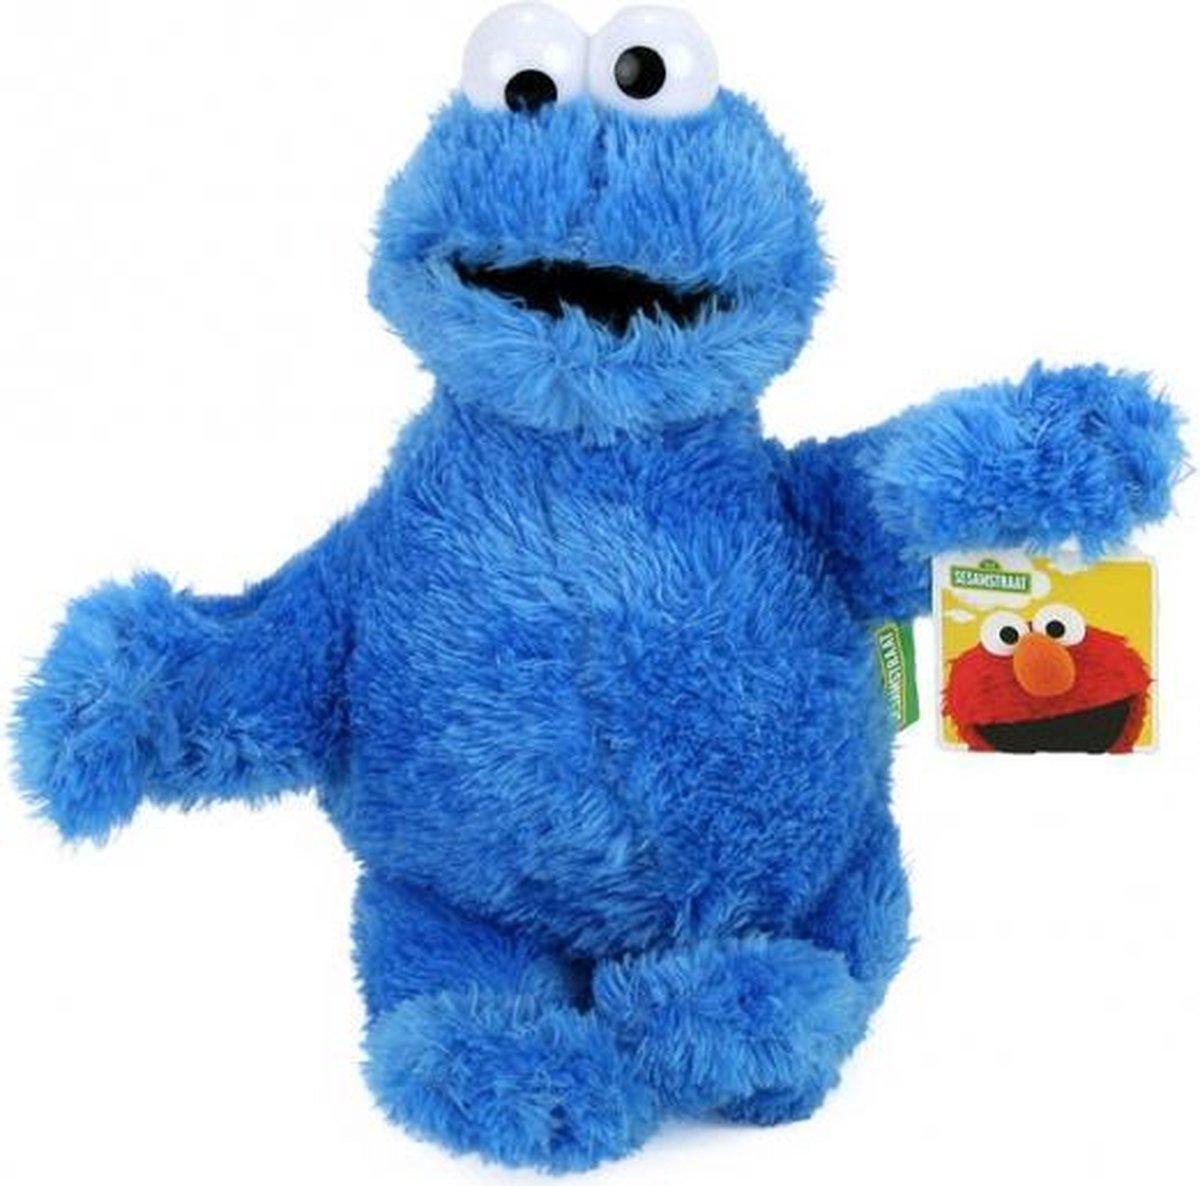 Cookie Monster Sesamstraat pluche knuffel 30cm - Original -  Sesamestreet friends Koekiemonster - Cookiemonster - Elmo - Pino - Bert - Ernie - Oscar - Kermit - ieniemienie -  Tommie Plush